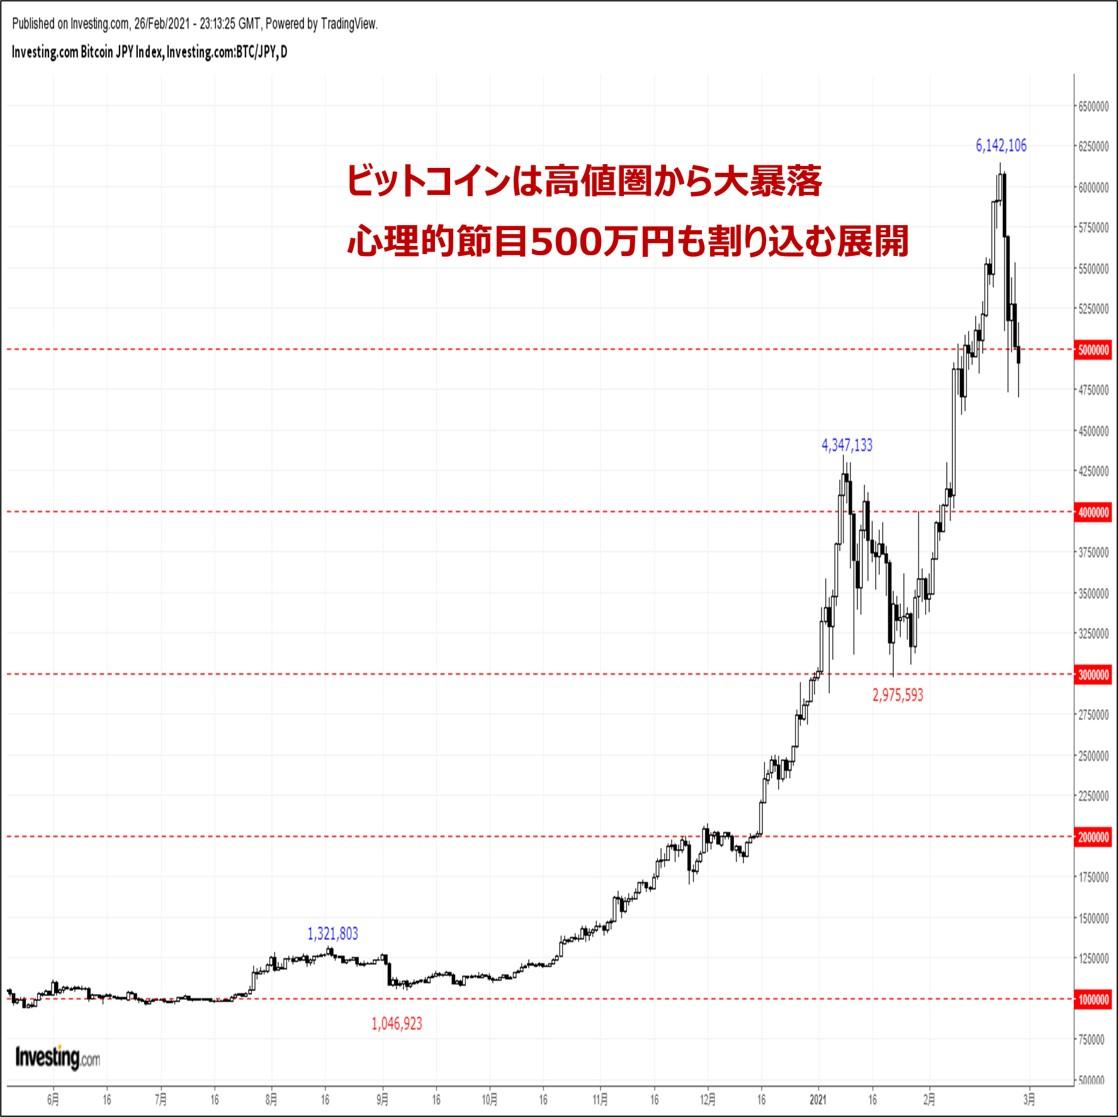 米債市場を震源地とするリスクオフ再燃。暗号資産は軒並み大暴落